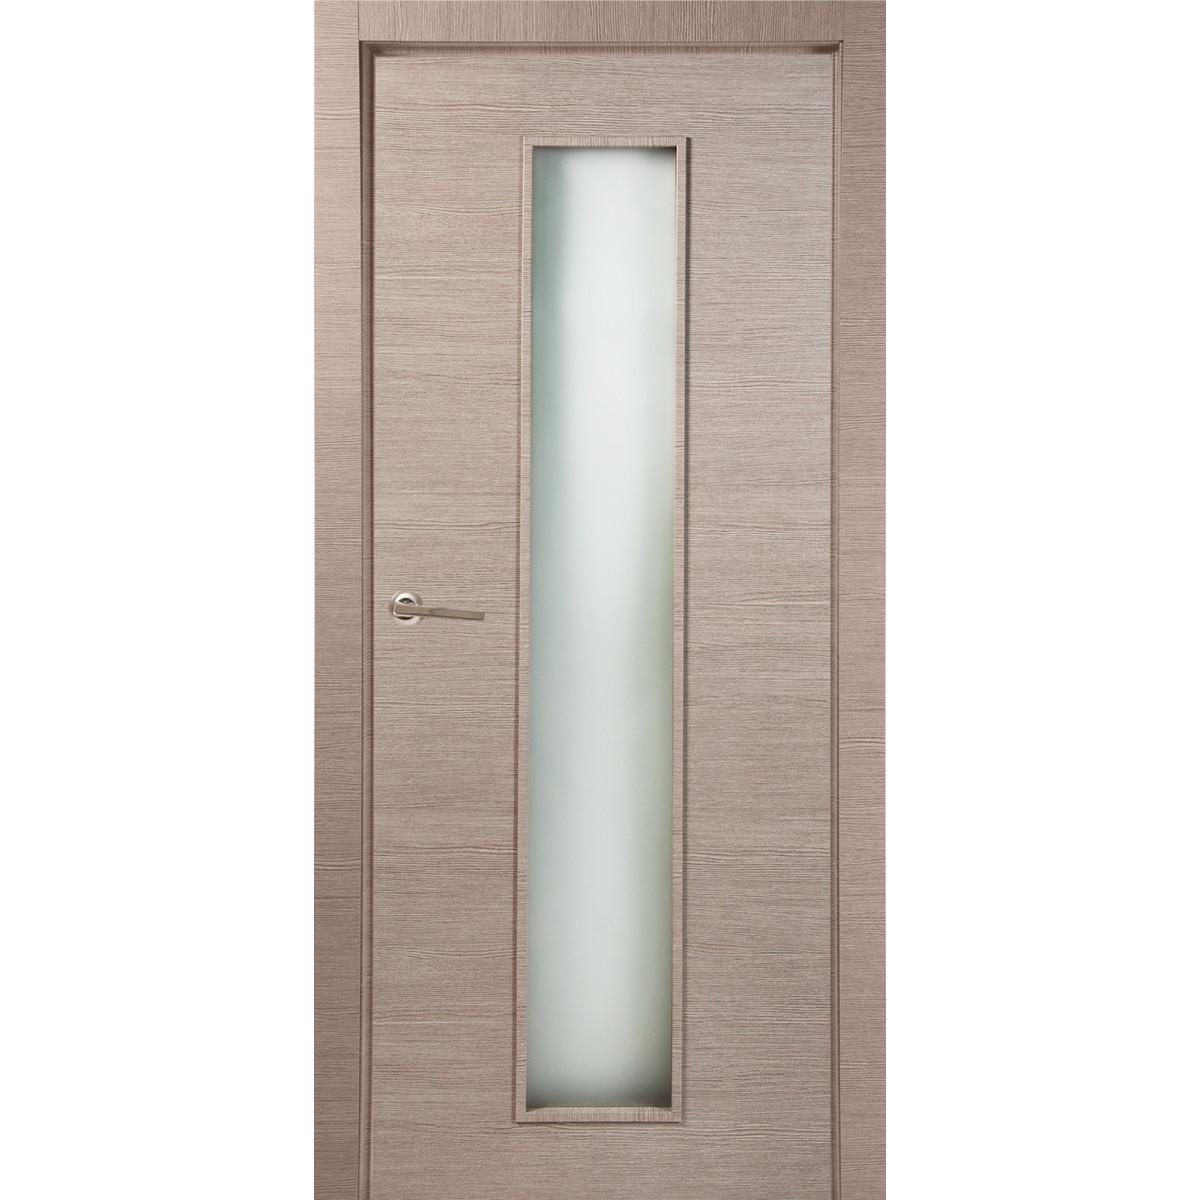 Дверь межкомнатная остеклённая 90x200 см ламинация цвет дуб дымчатый